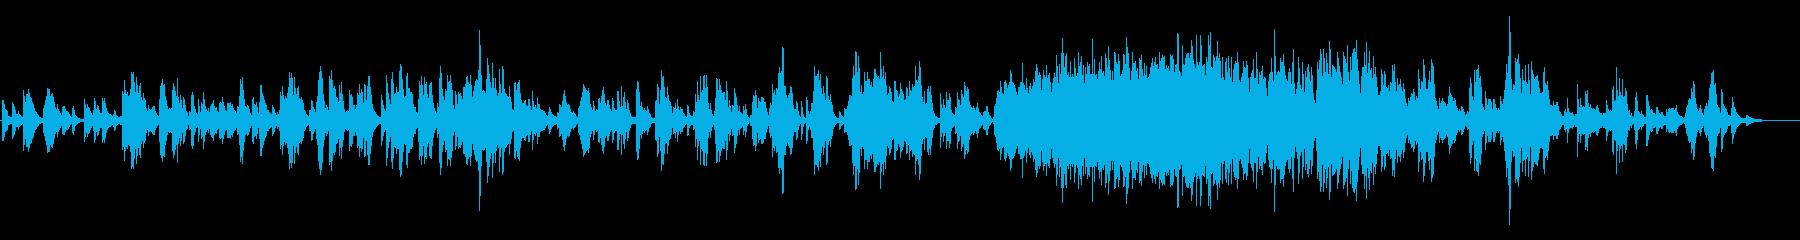 落ち着いたイージーリスニングピアノソロの再生済みの波形